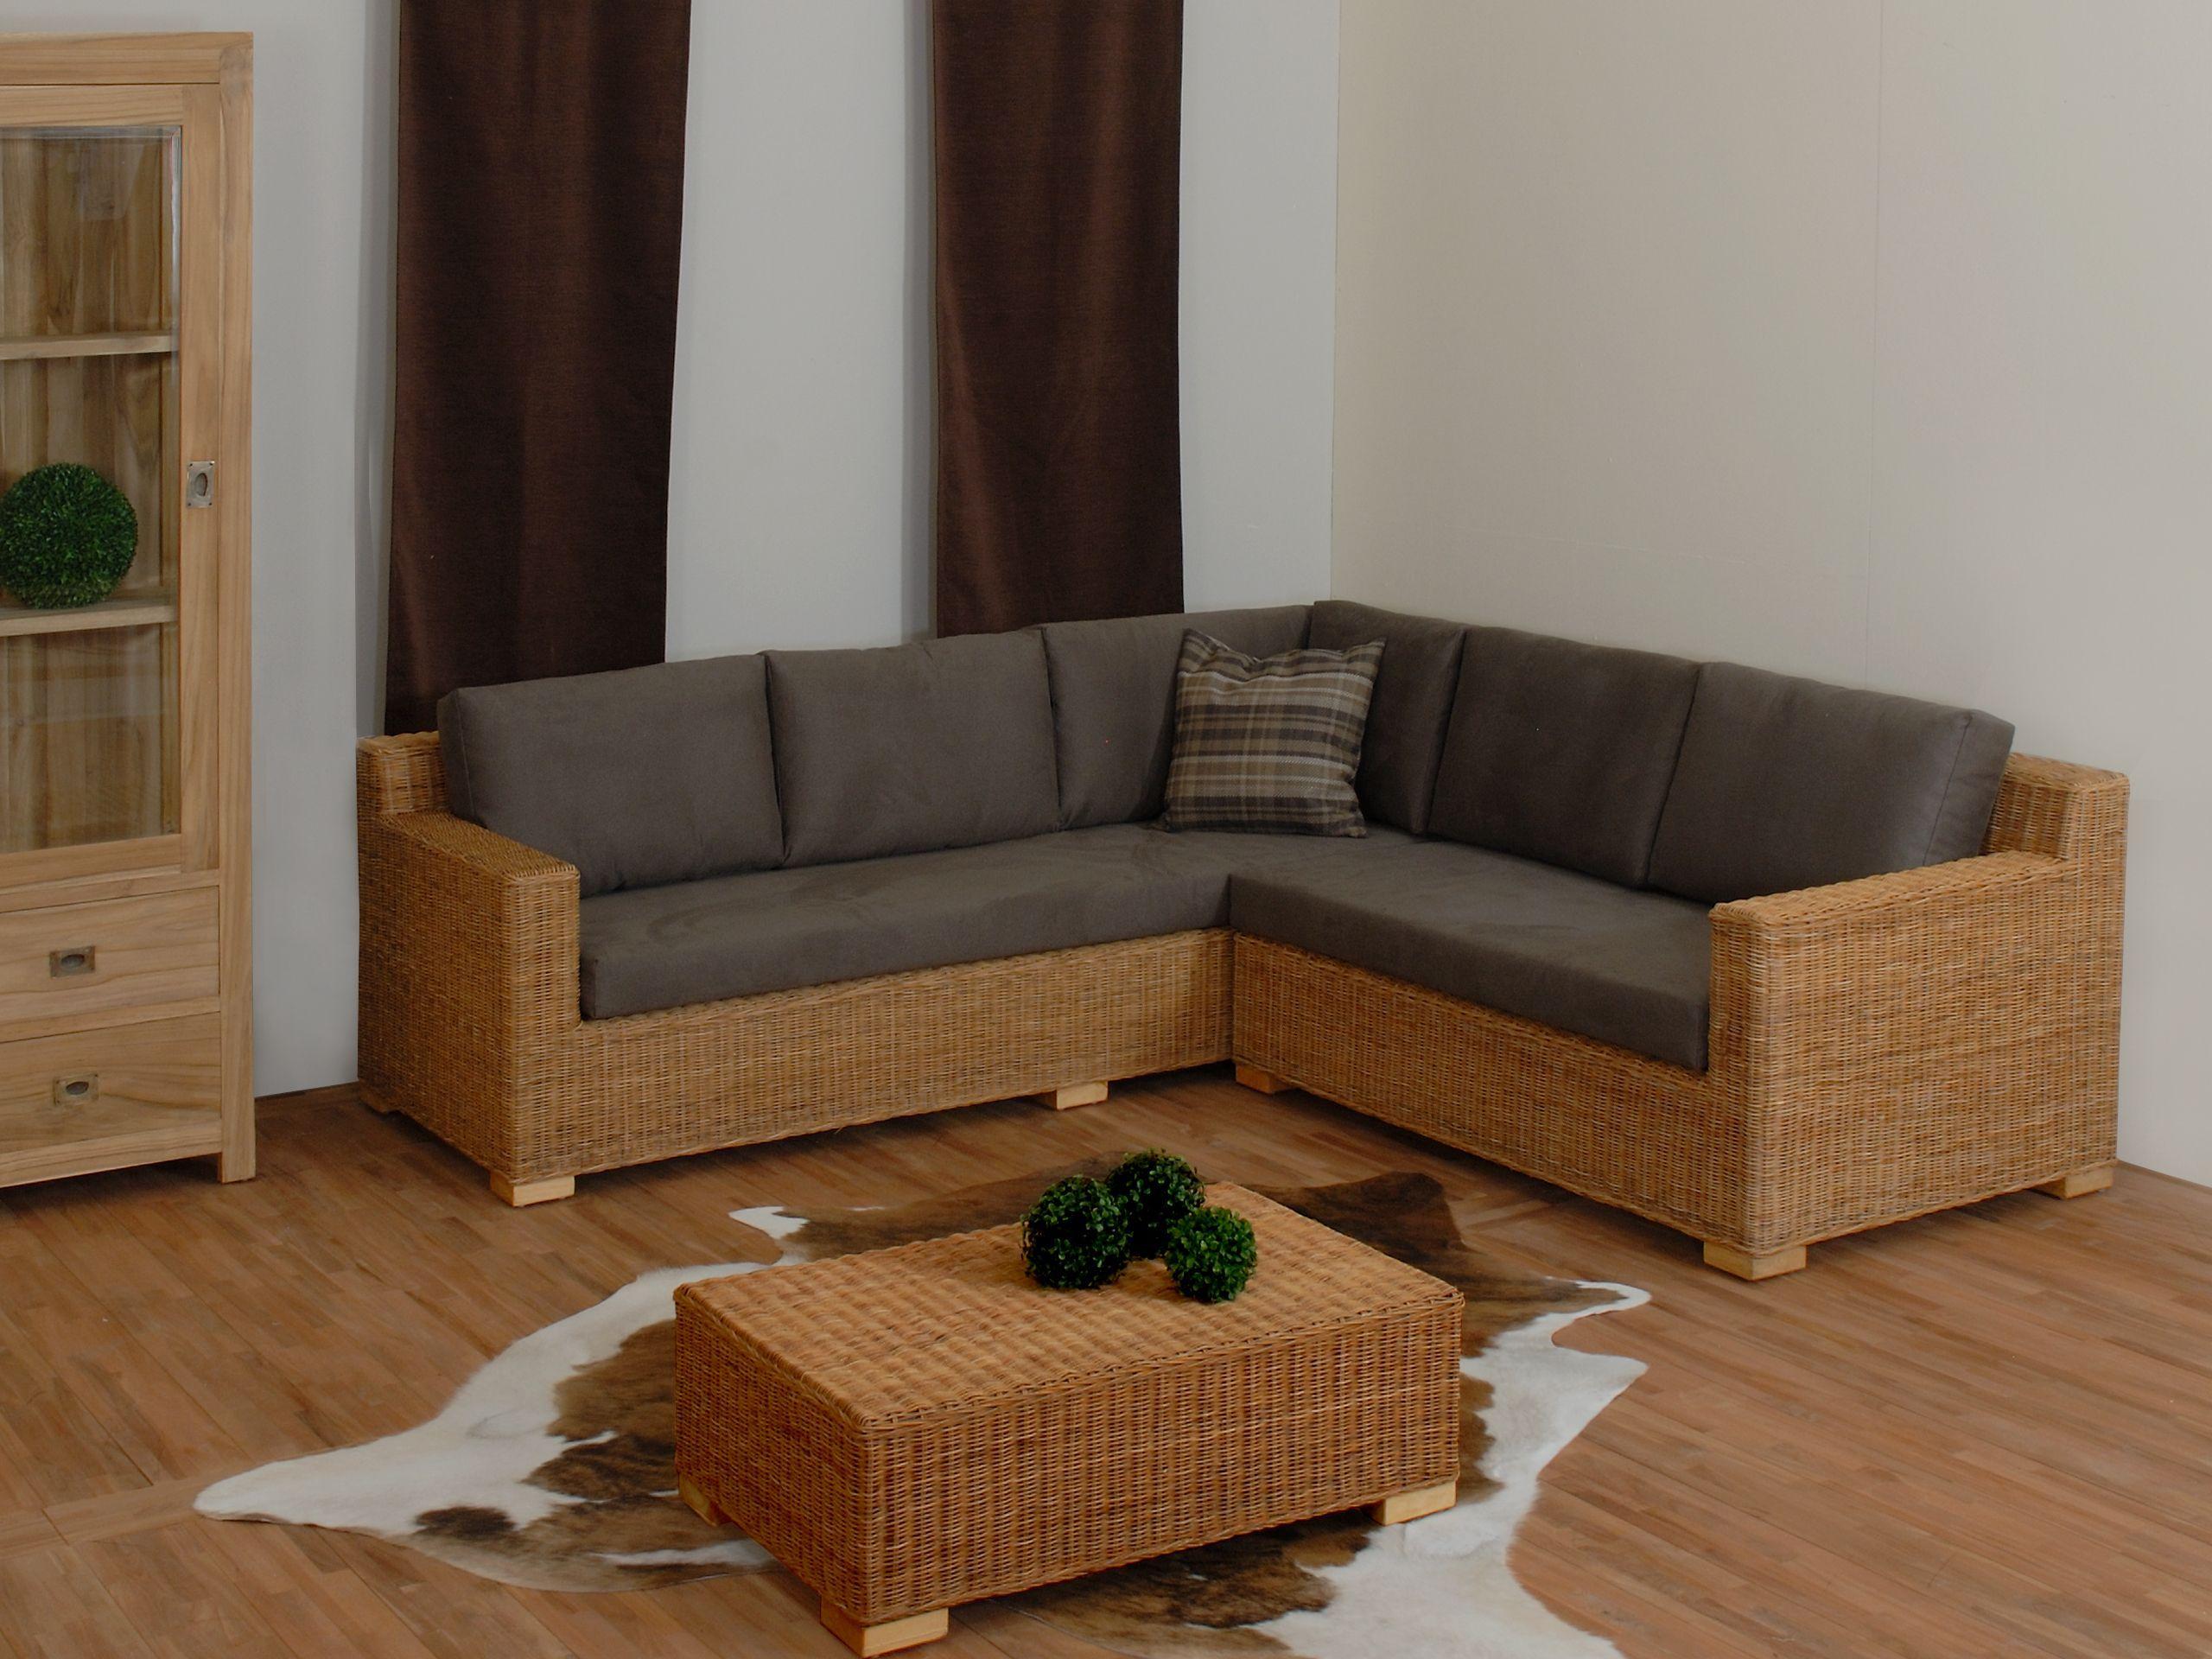 Ausgefallene wohnzimmermöbel ~ Billig wohnzimmermöbel massivholz deutsche deko